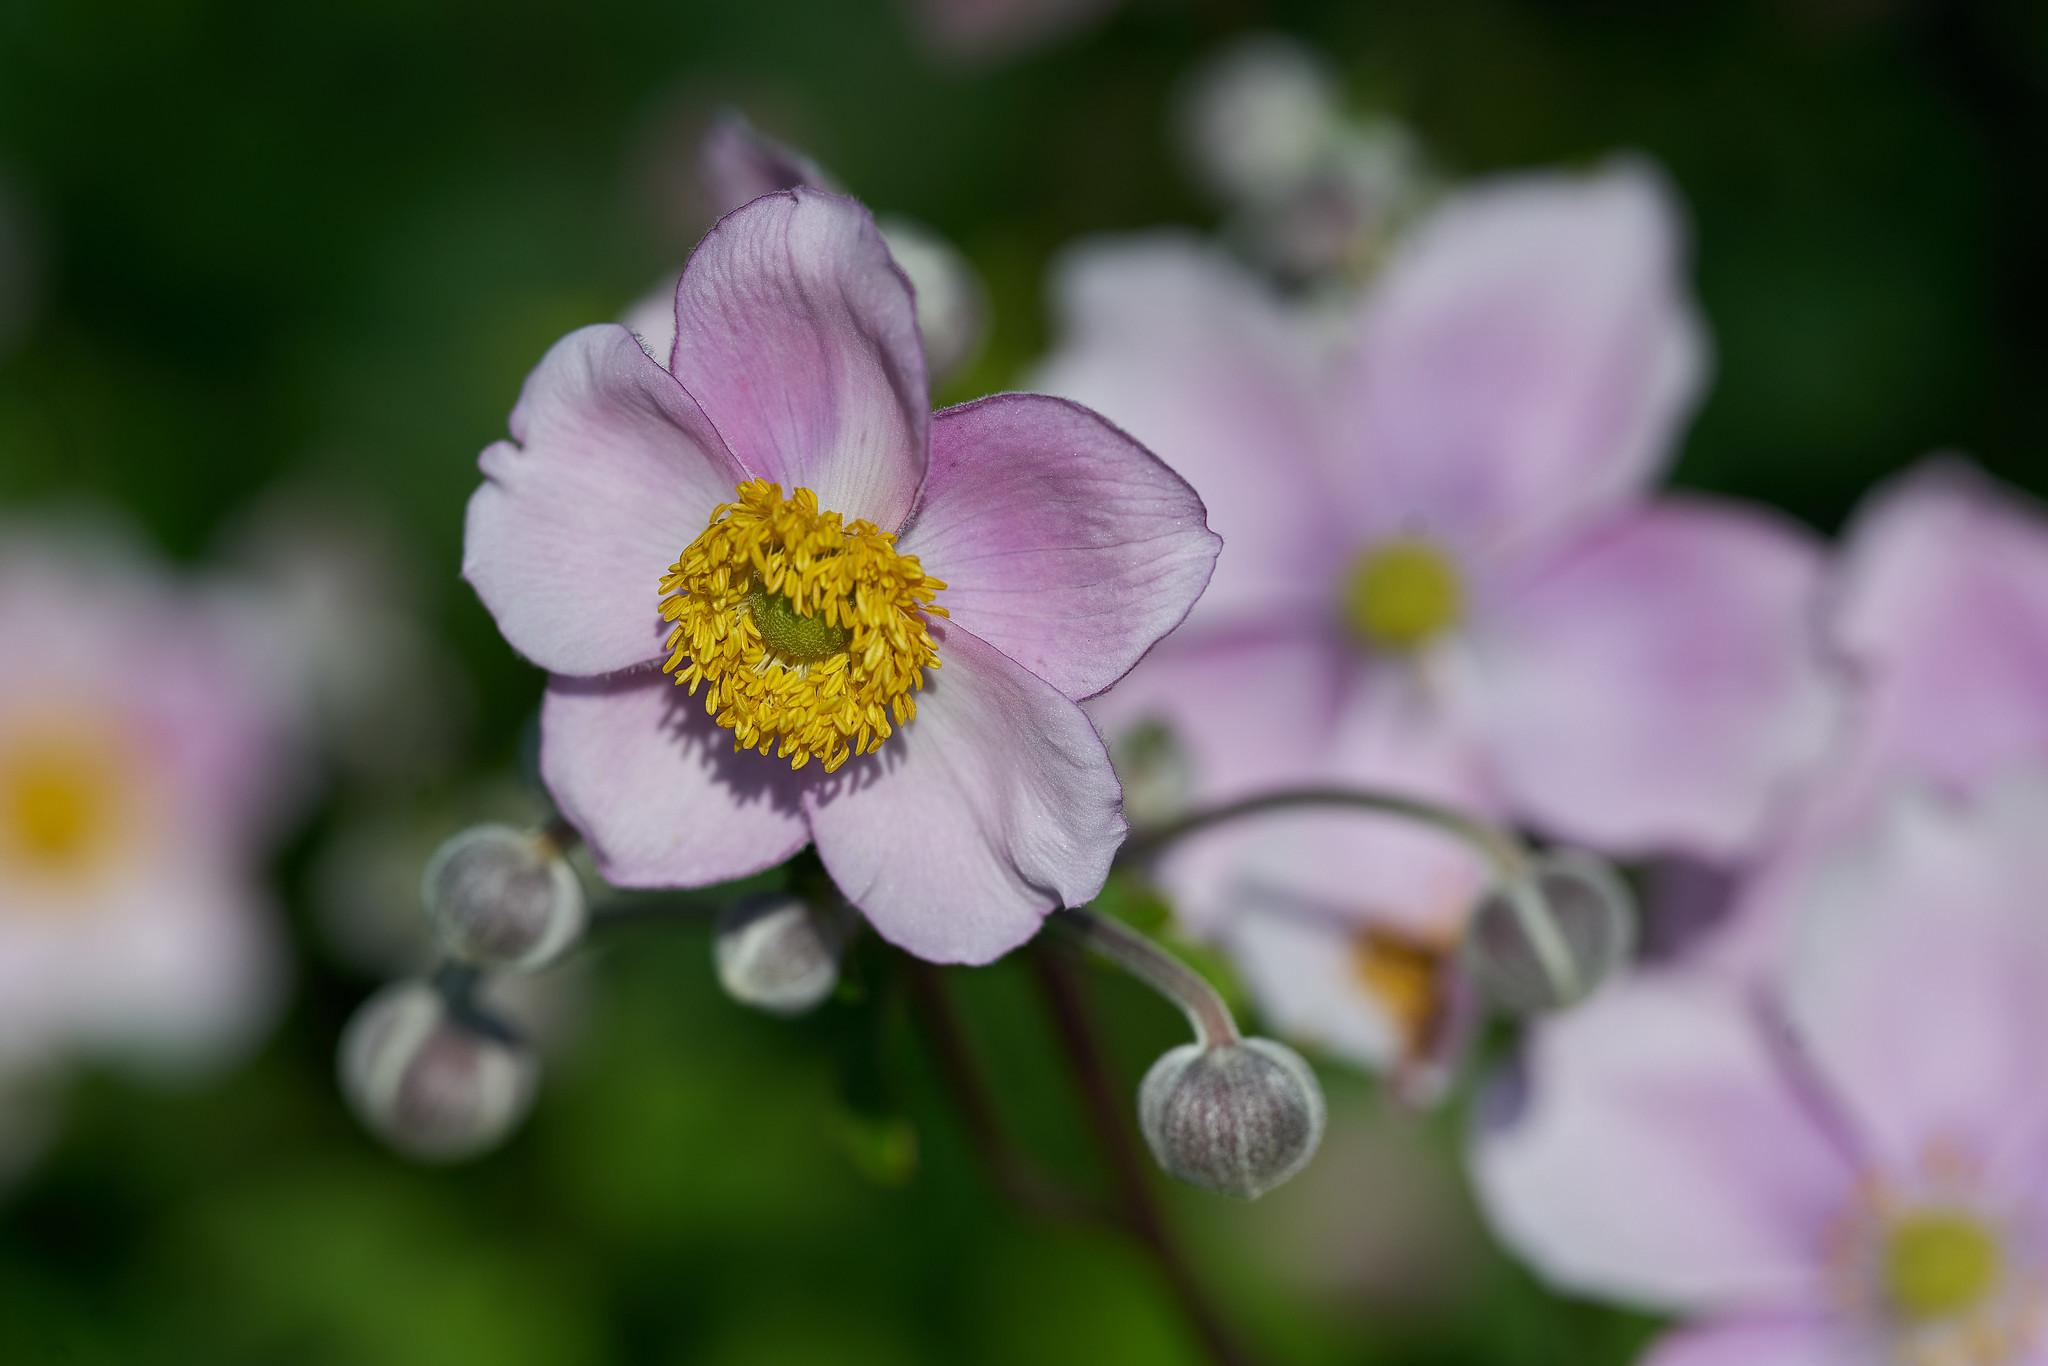 Anemone hupehensis (Anémona japonesa)